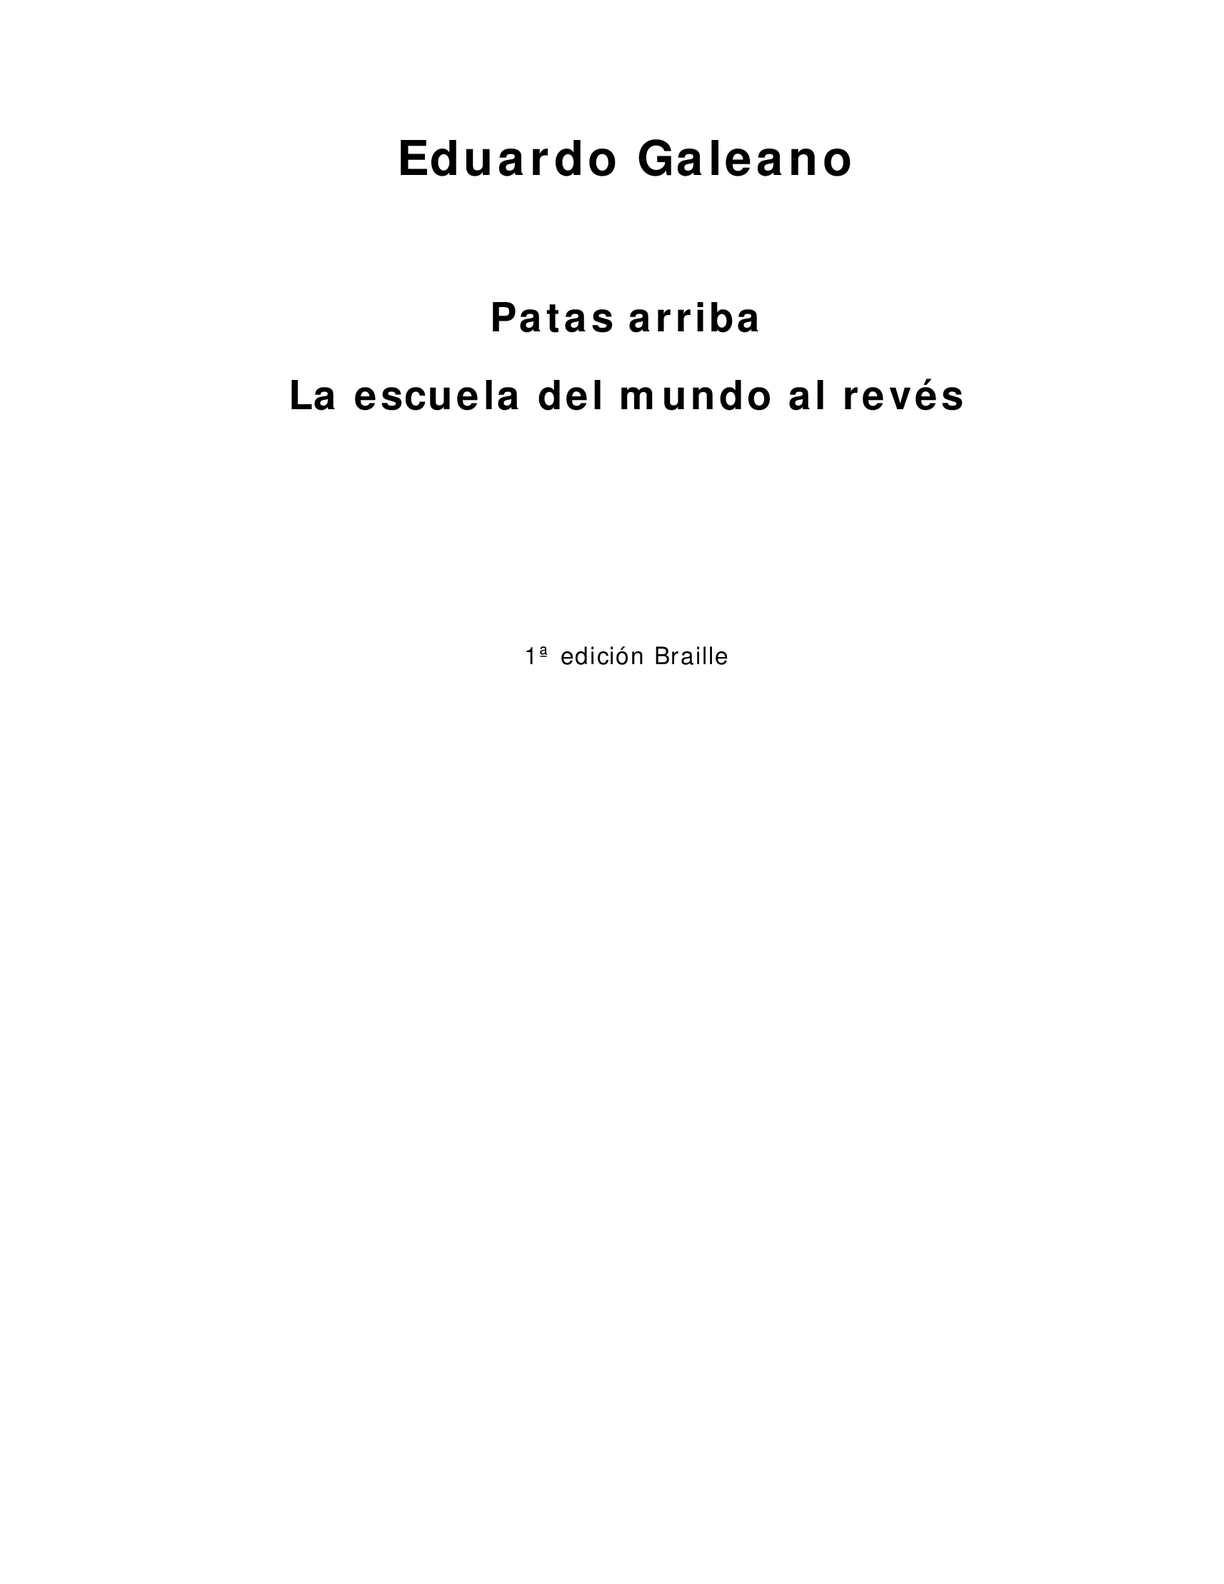 Citas En Linea 515009